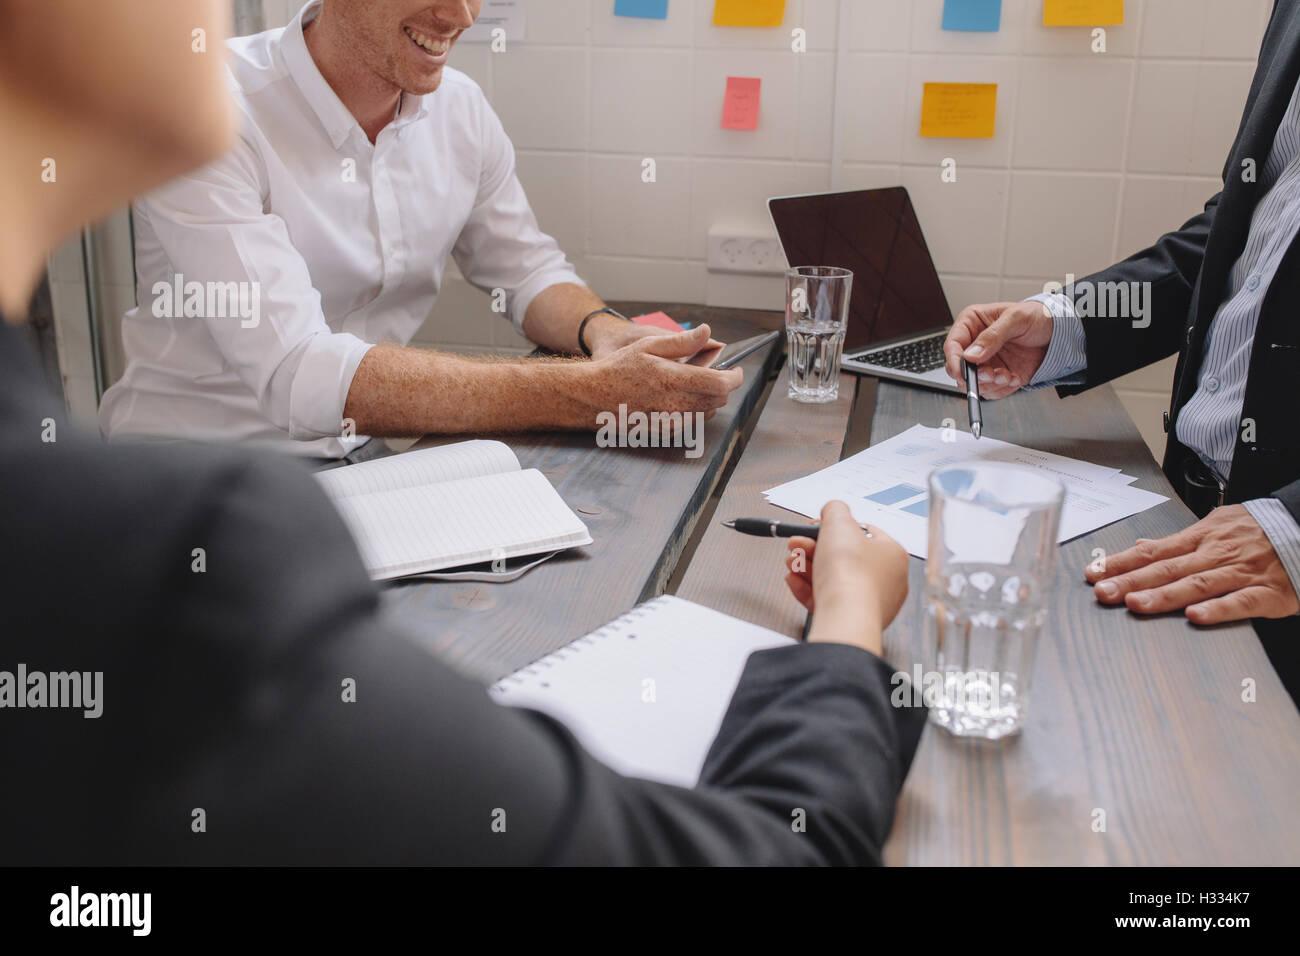 Cerca del empresario explicando un plan financiero a sus colegas en la reunión. Gente de negocios discutir un plan financiero alrededor Foto de stock